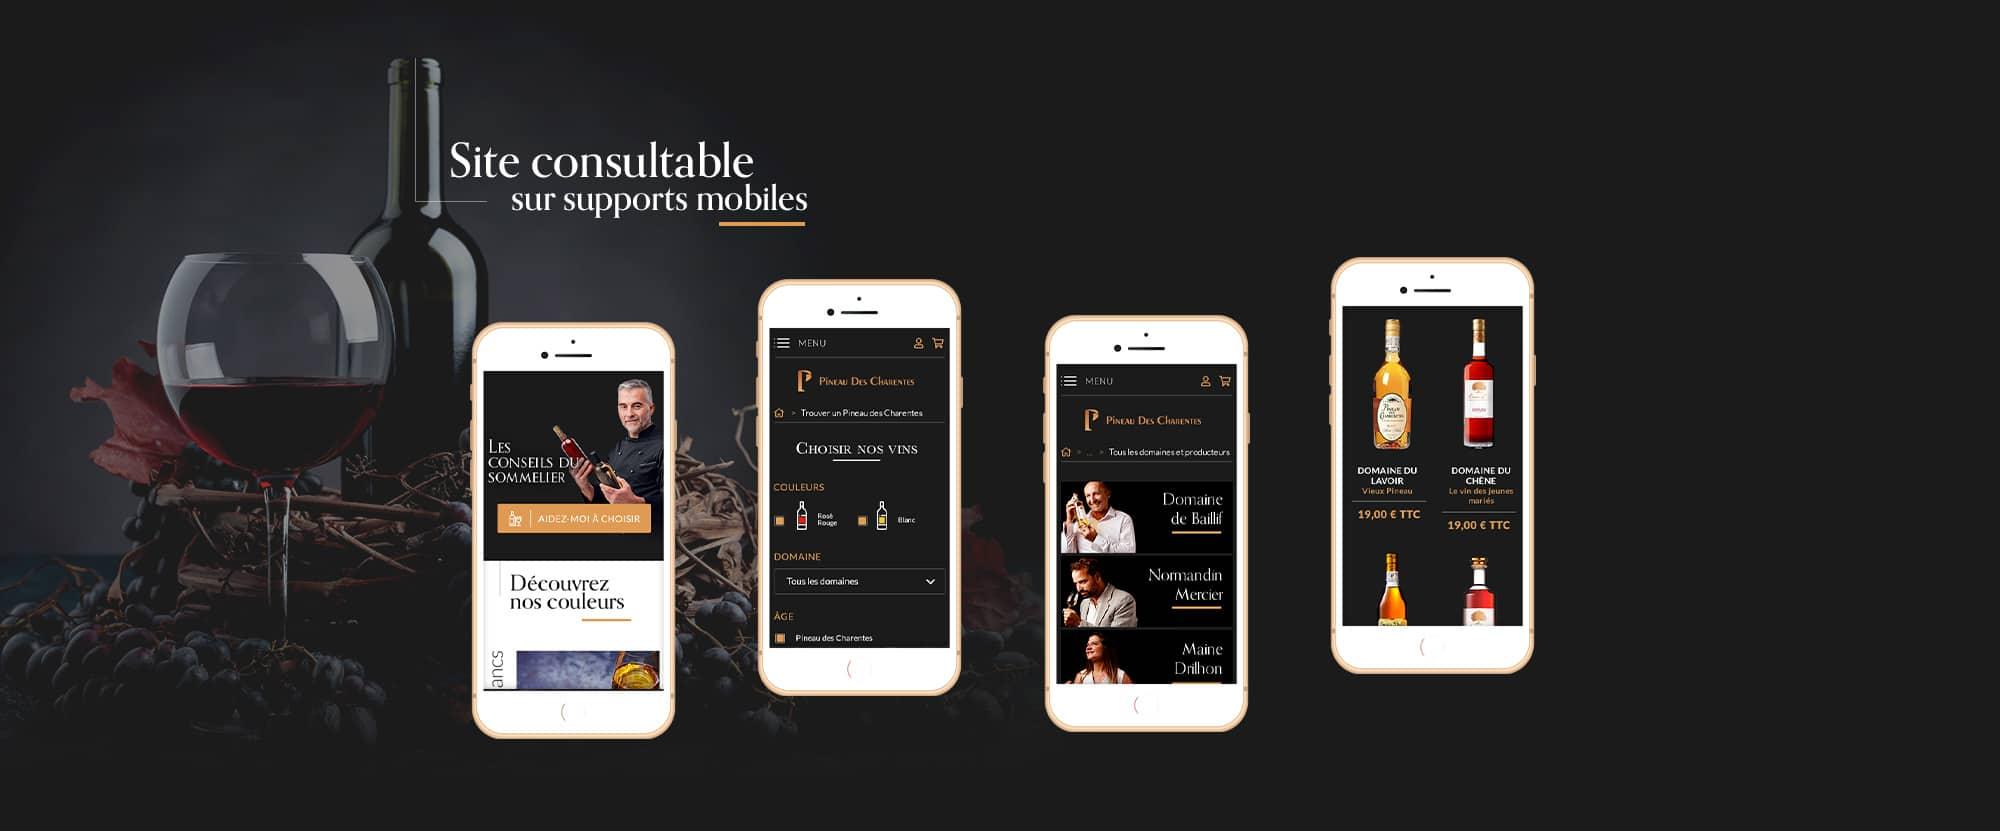 Webdesign et mobile first